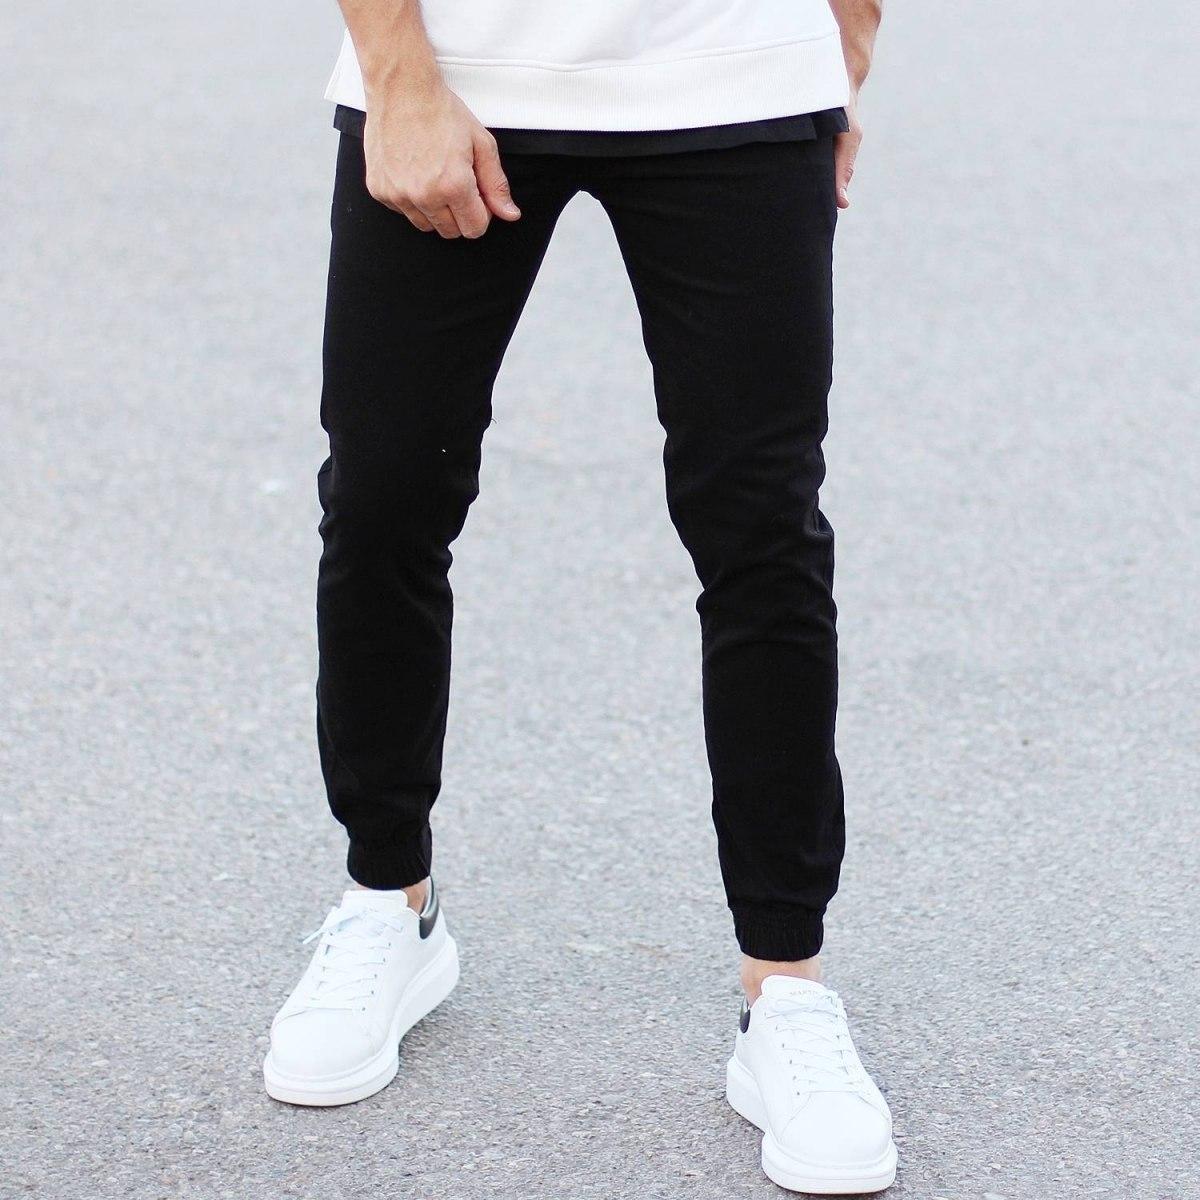 Men's Gabardine Casual Pants In Black Mv Premium Brand - 2